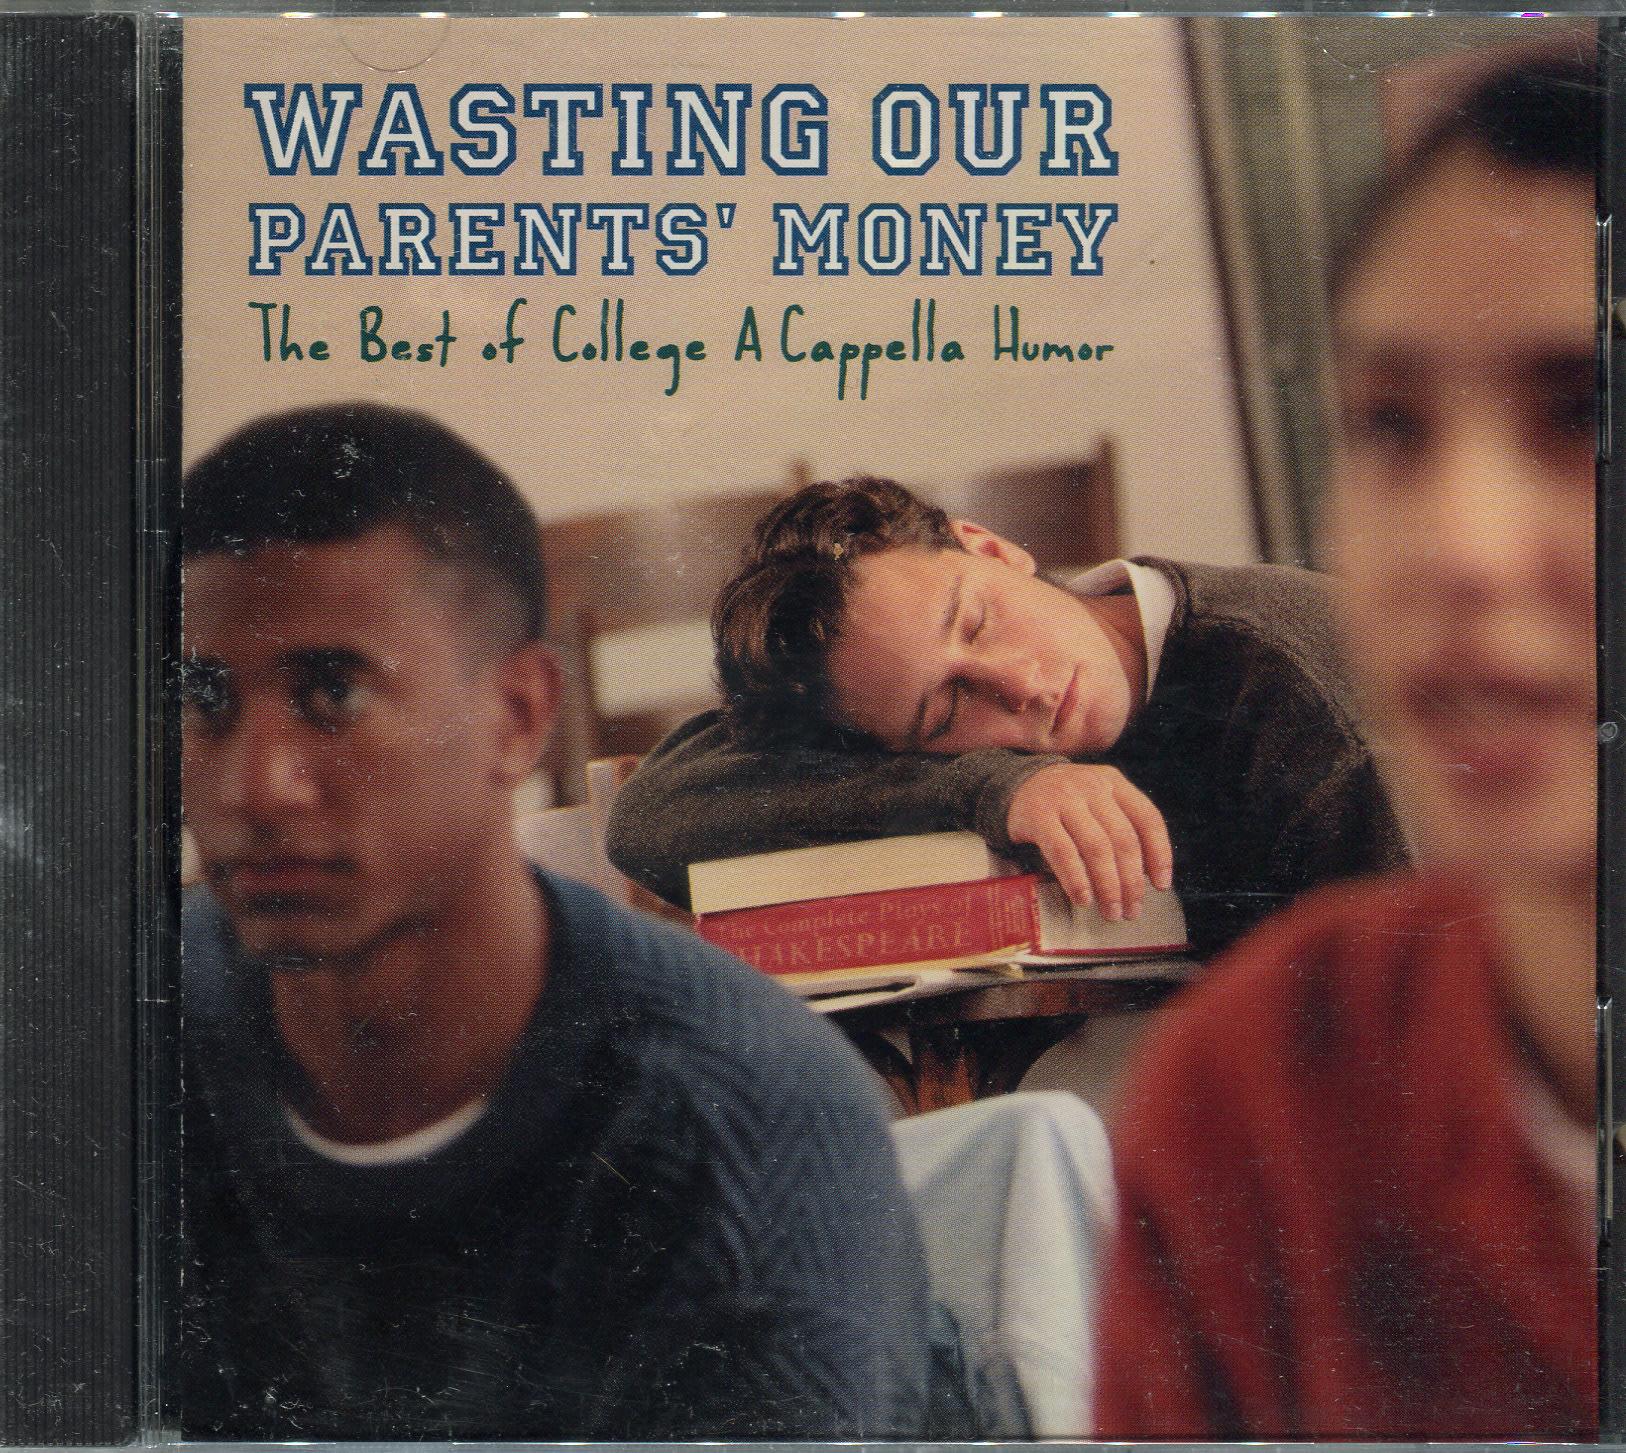 【嘟嘟音樂2】Various - Wasting Our Parents Money   (全新未拆封)